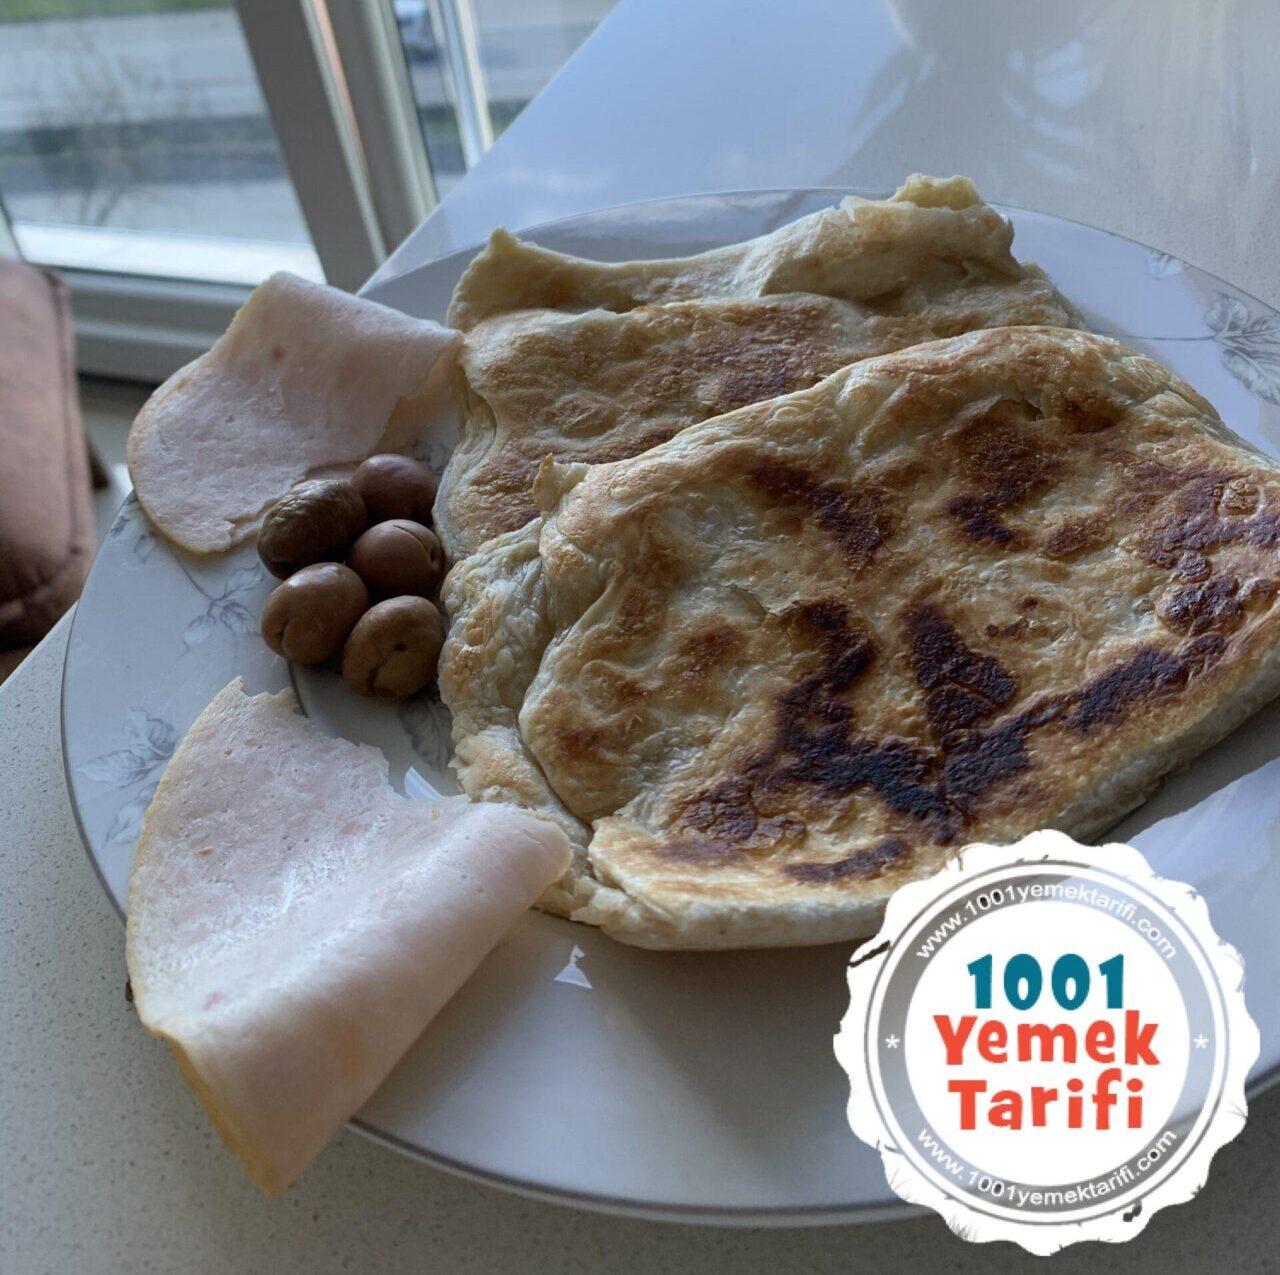 Milföy hamurundan Gözleme tarifi